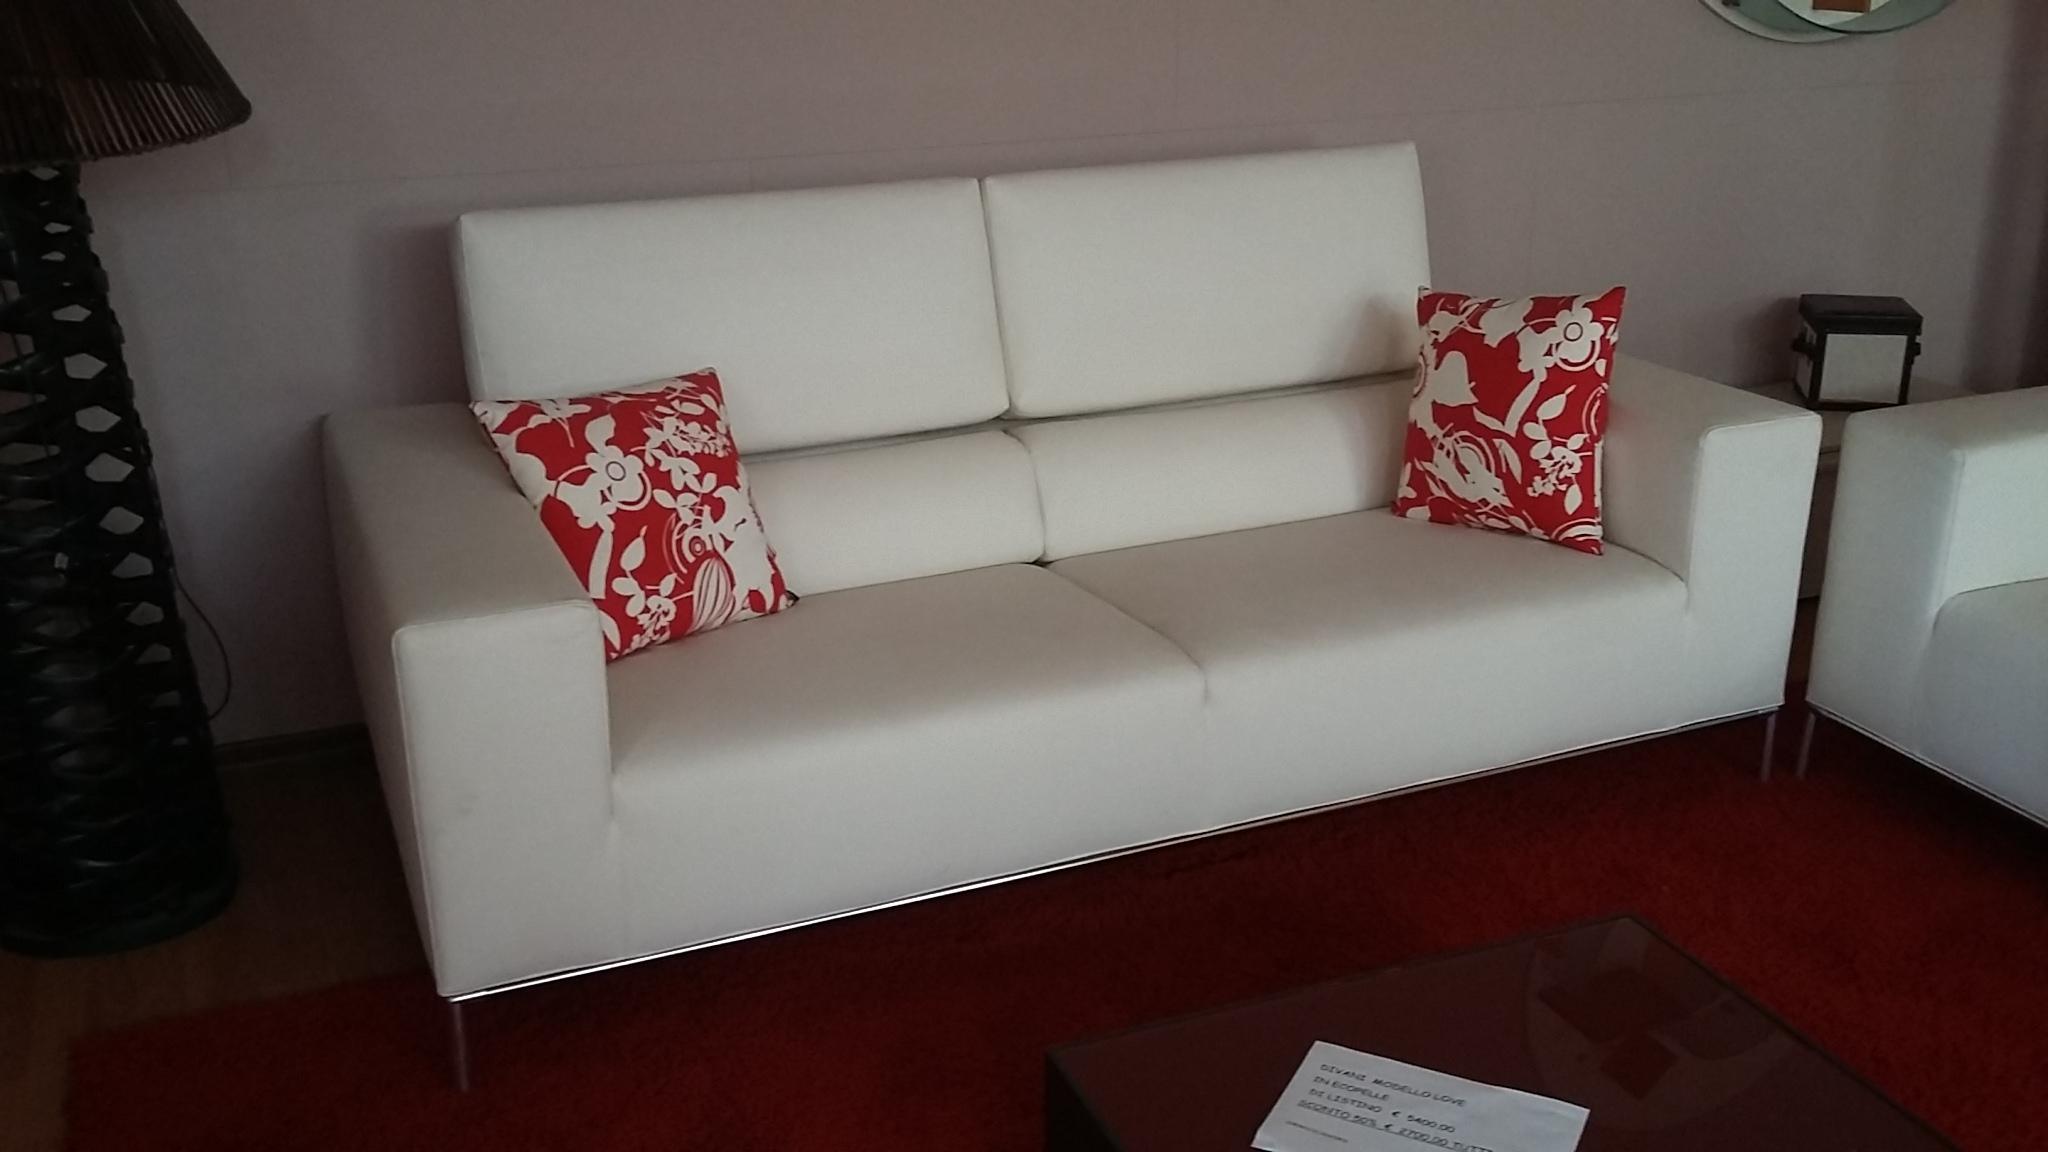 Primafila divani catalogo divano alfred colombini con sconto luca meda for molteni sofa type - Mobilandia outlet torino ...